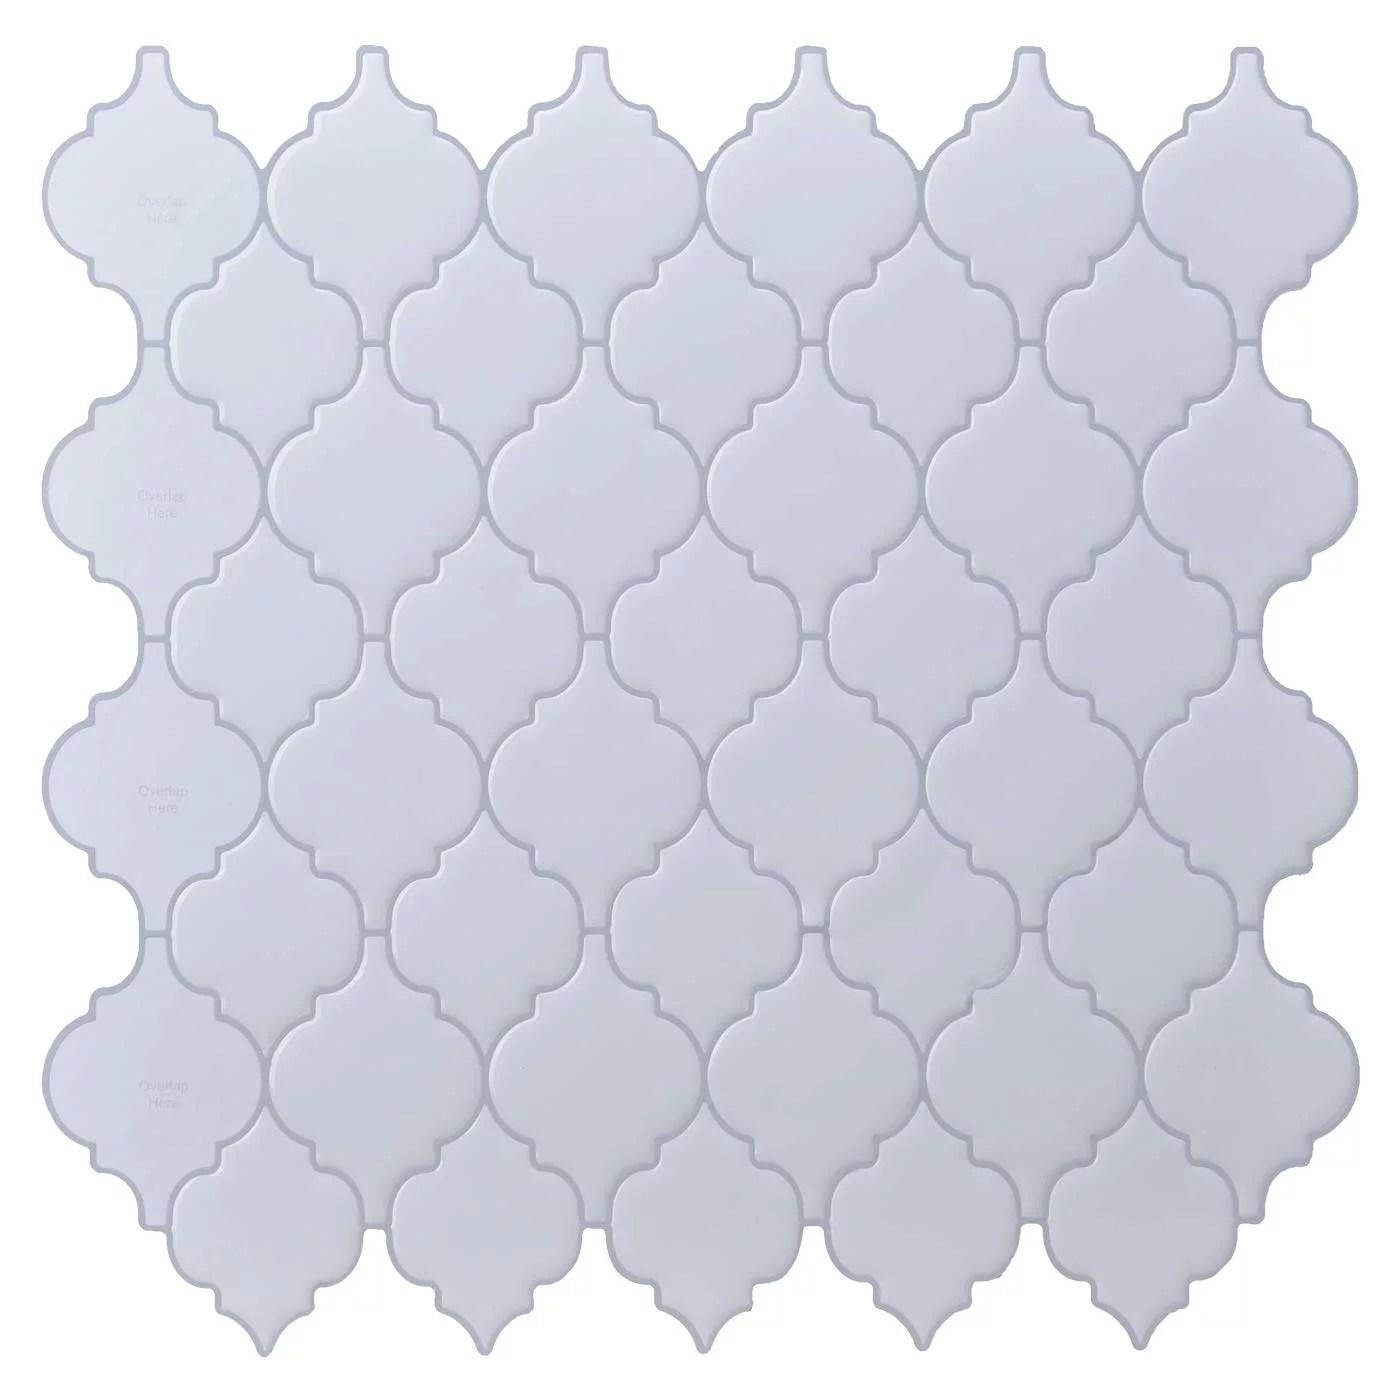 longking peel and stick backsplash tile light gray arabesque wall tile 12 in x 12 in 10 pack walmart com